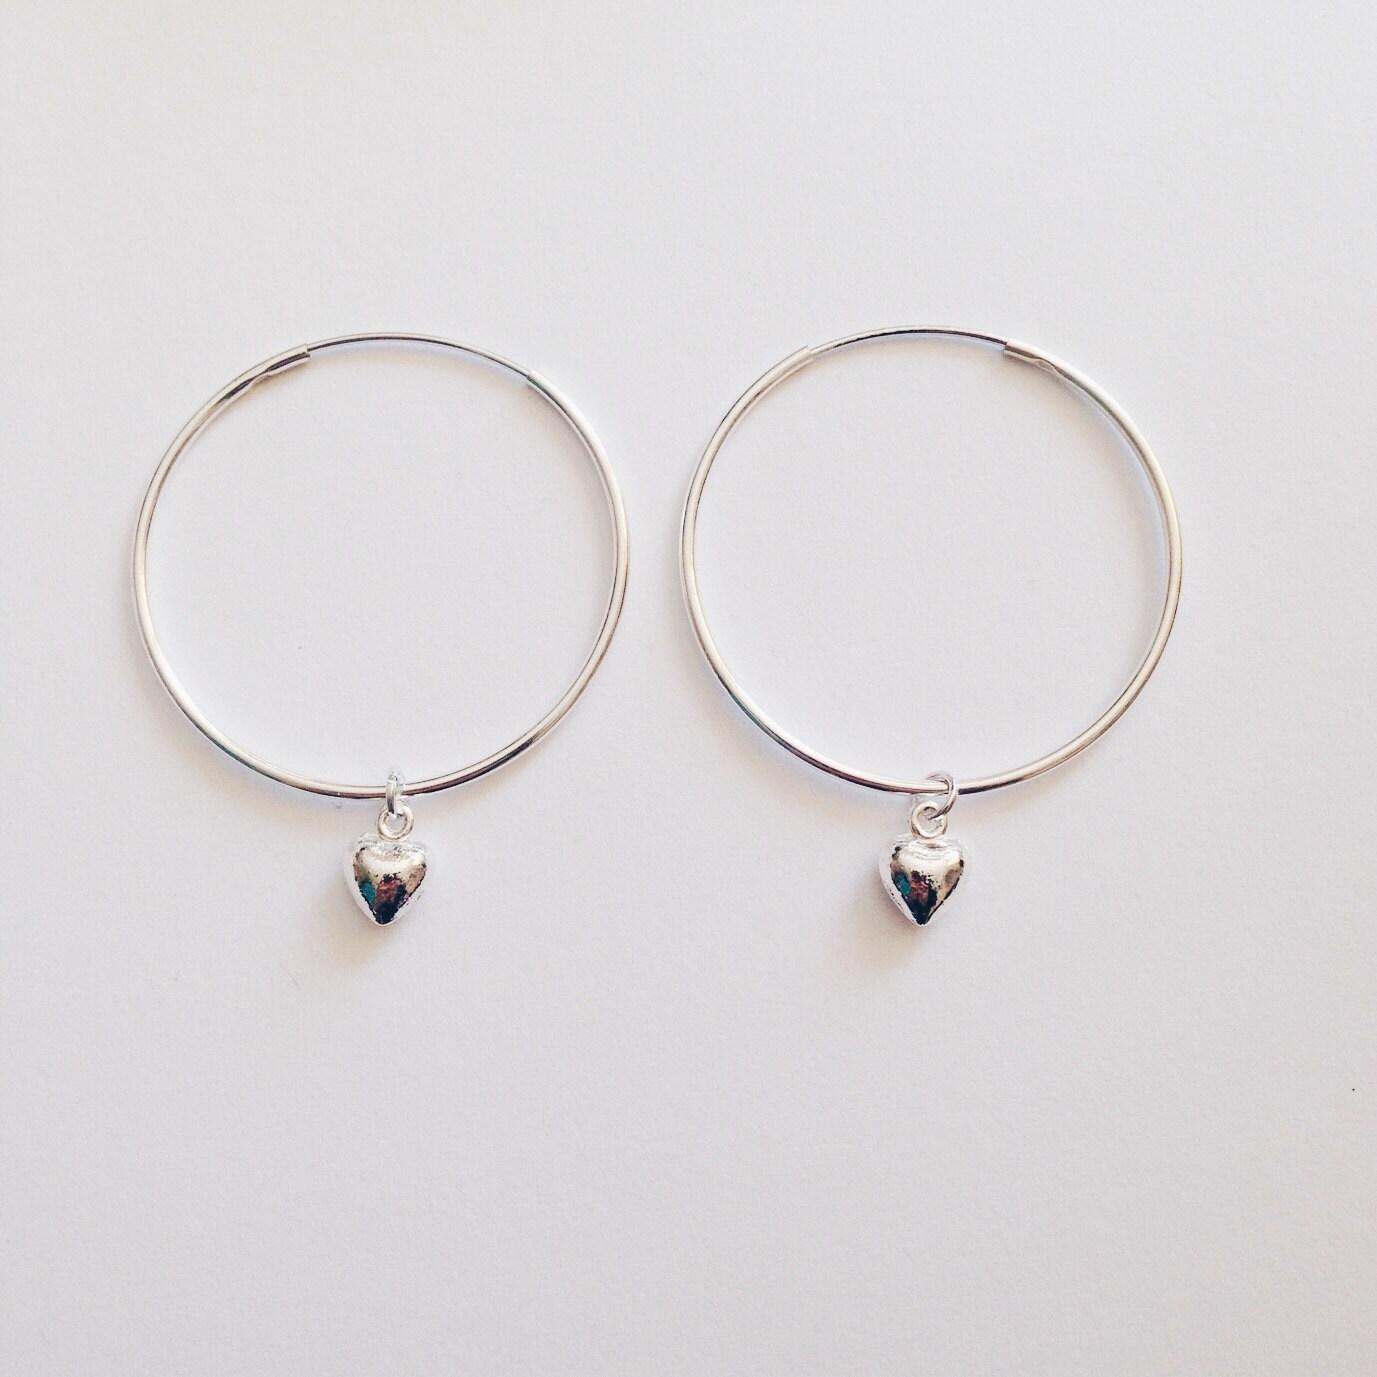 Heart Hoop Earrings Pretty Cute Love Heart Gift by KukeeUK